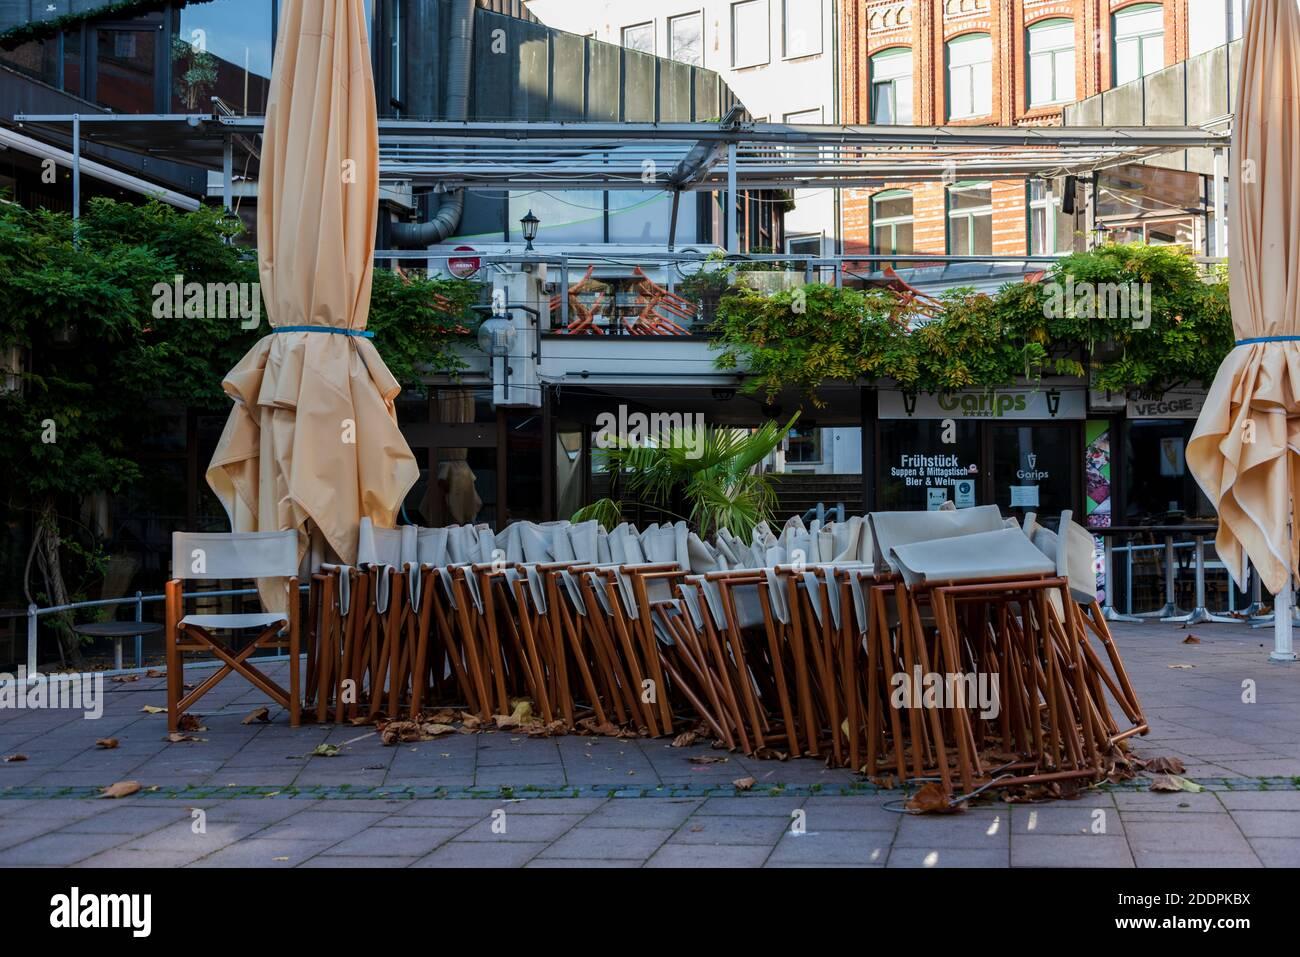 Der Alte Markt in Kiel ein gastronomischer Hotspot, während des Corona-Lockdowns menschenleer Stock Photo